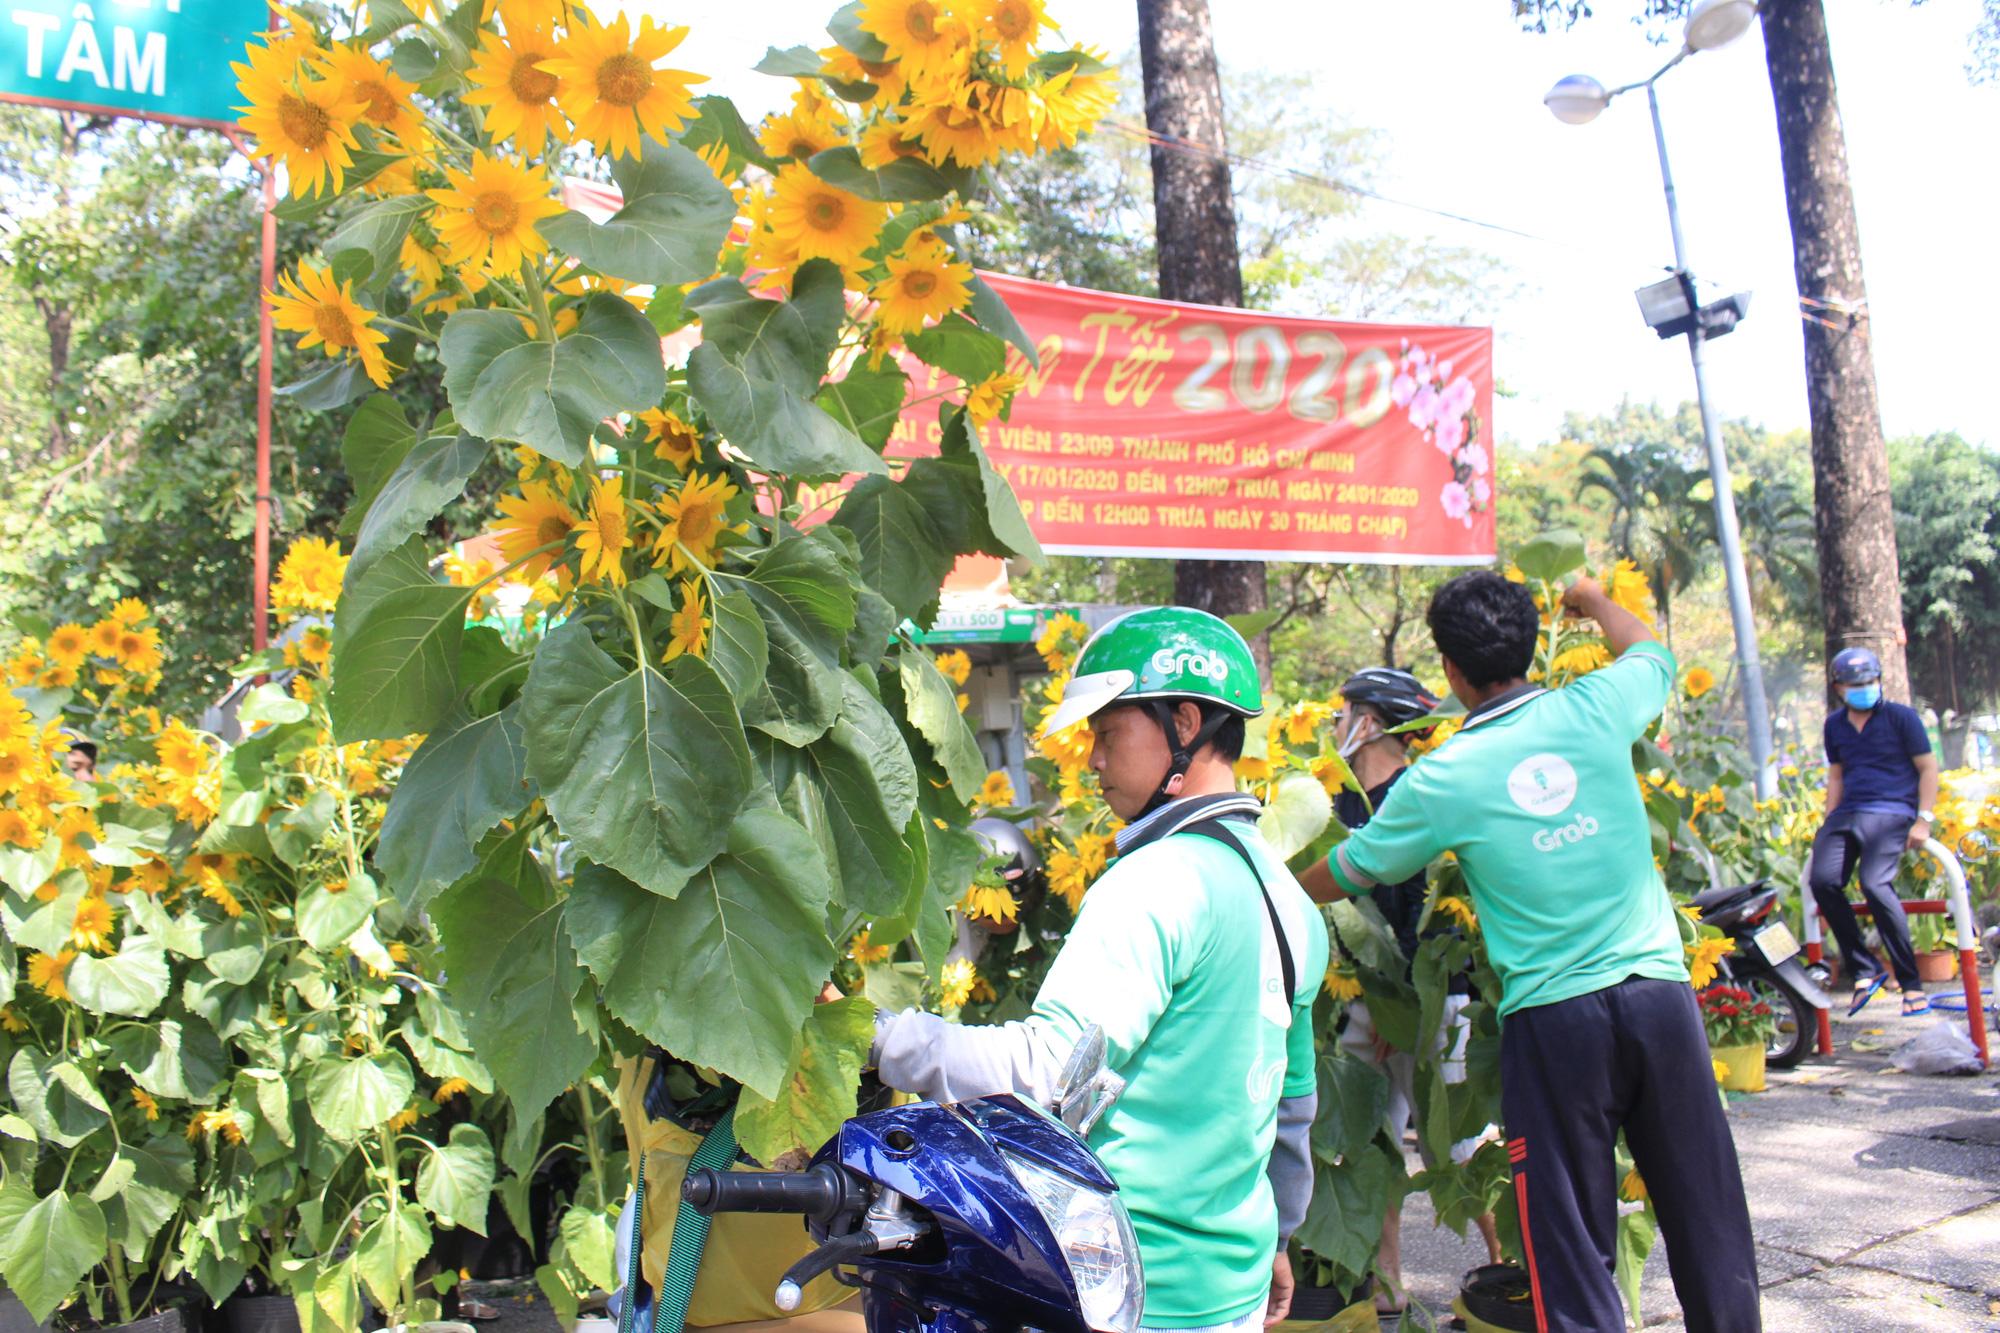 Trưa 30 Tết, mai, đào, hướng dương bán rẻ như cho 50.000 đồng một cây ở chợ hoa Sài Gòn - Ảnh 5.